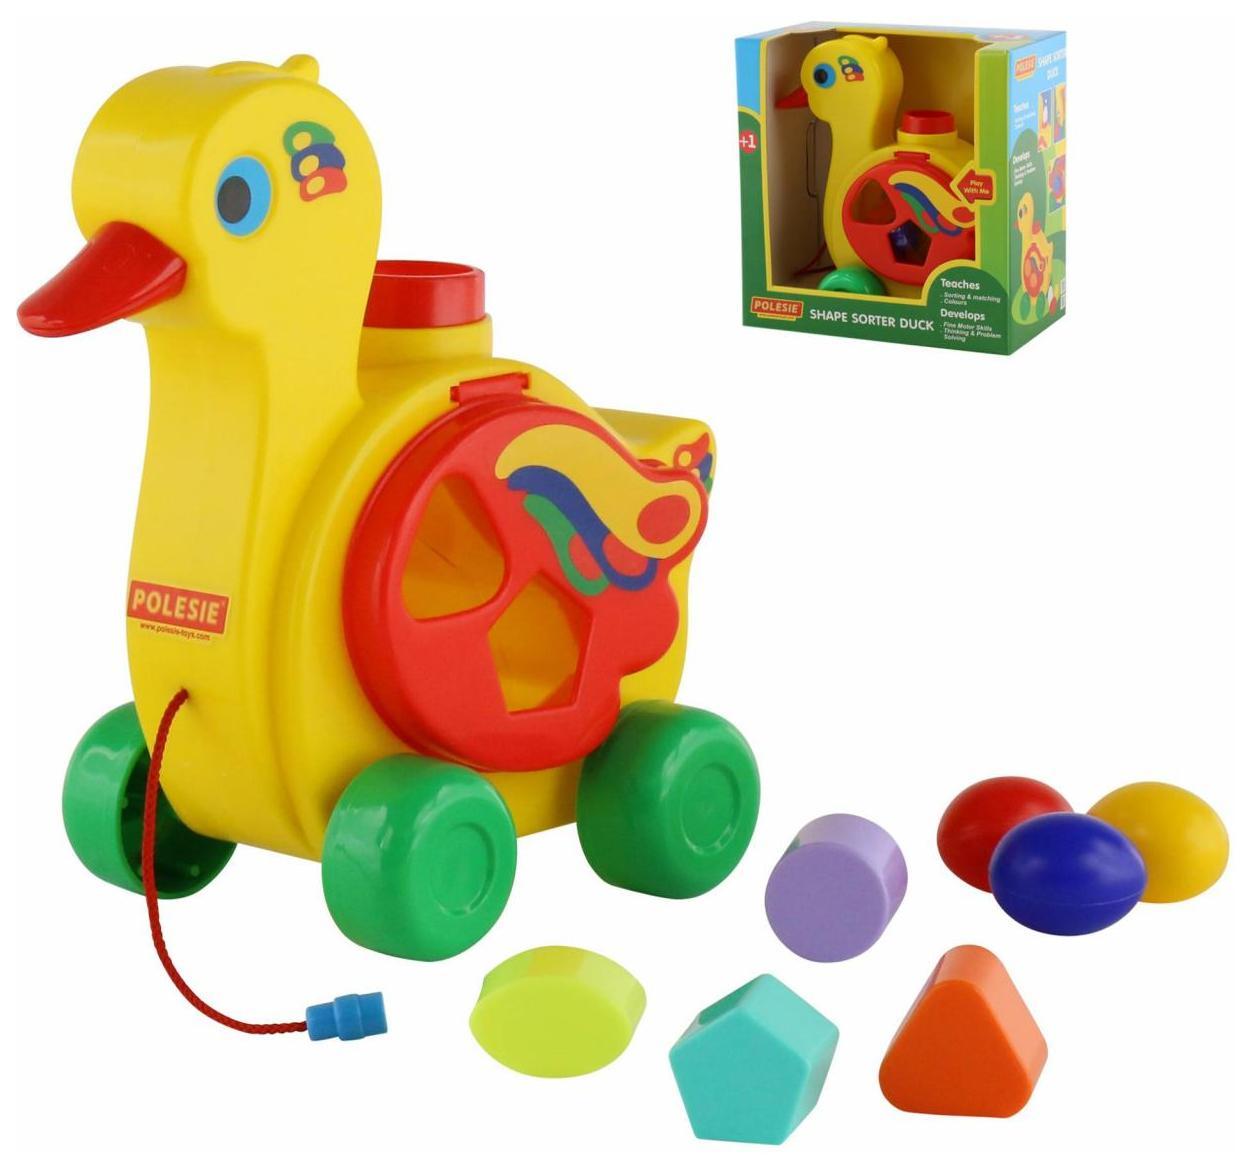 Развивающая игрушка Полесье Уточка несушка в коробке